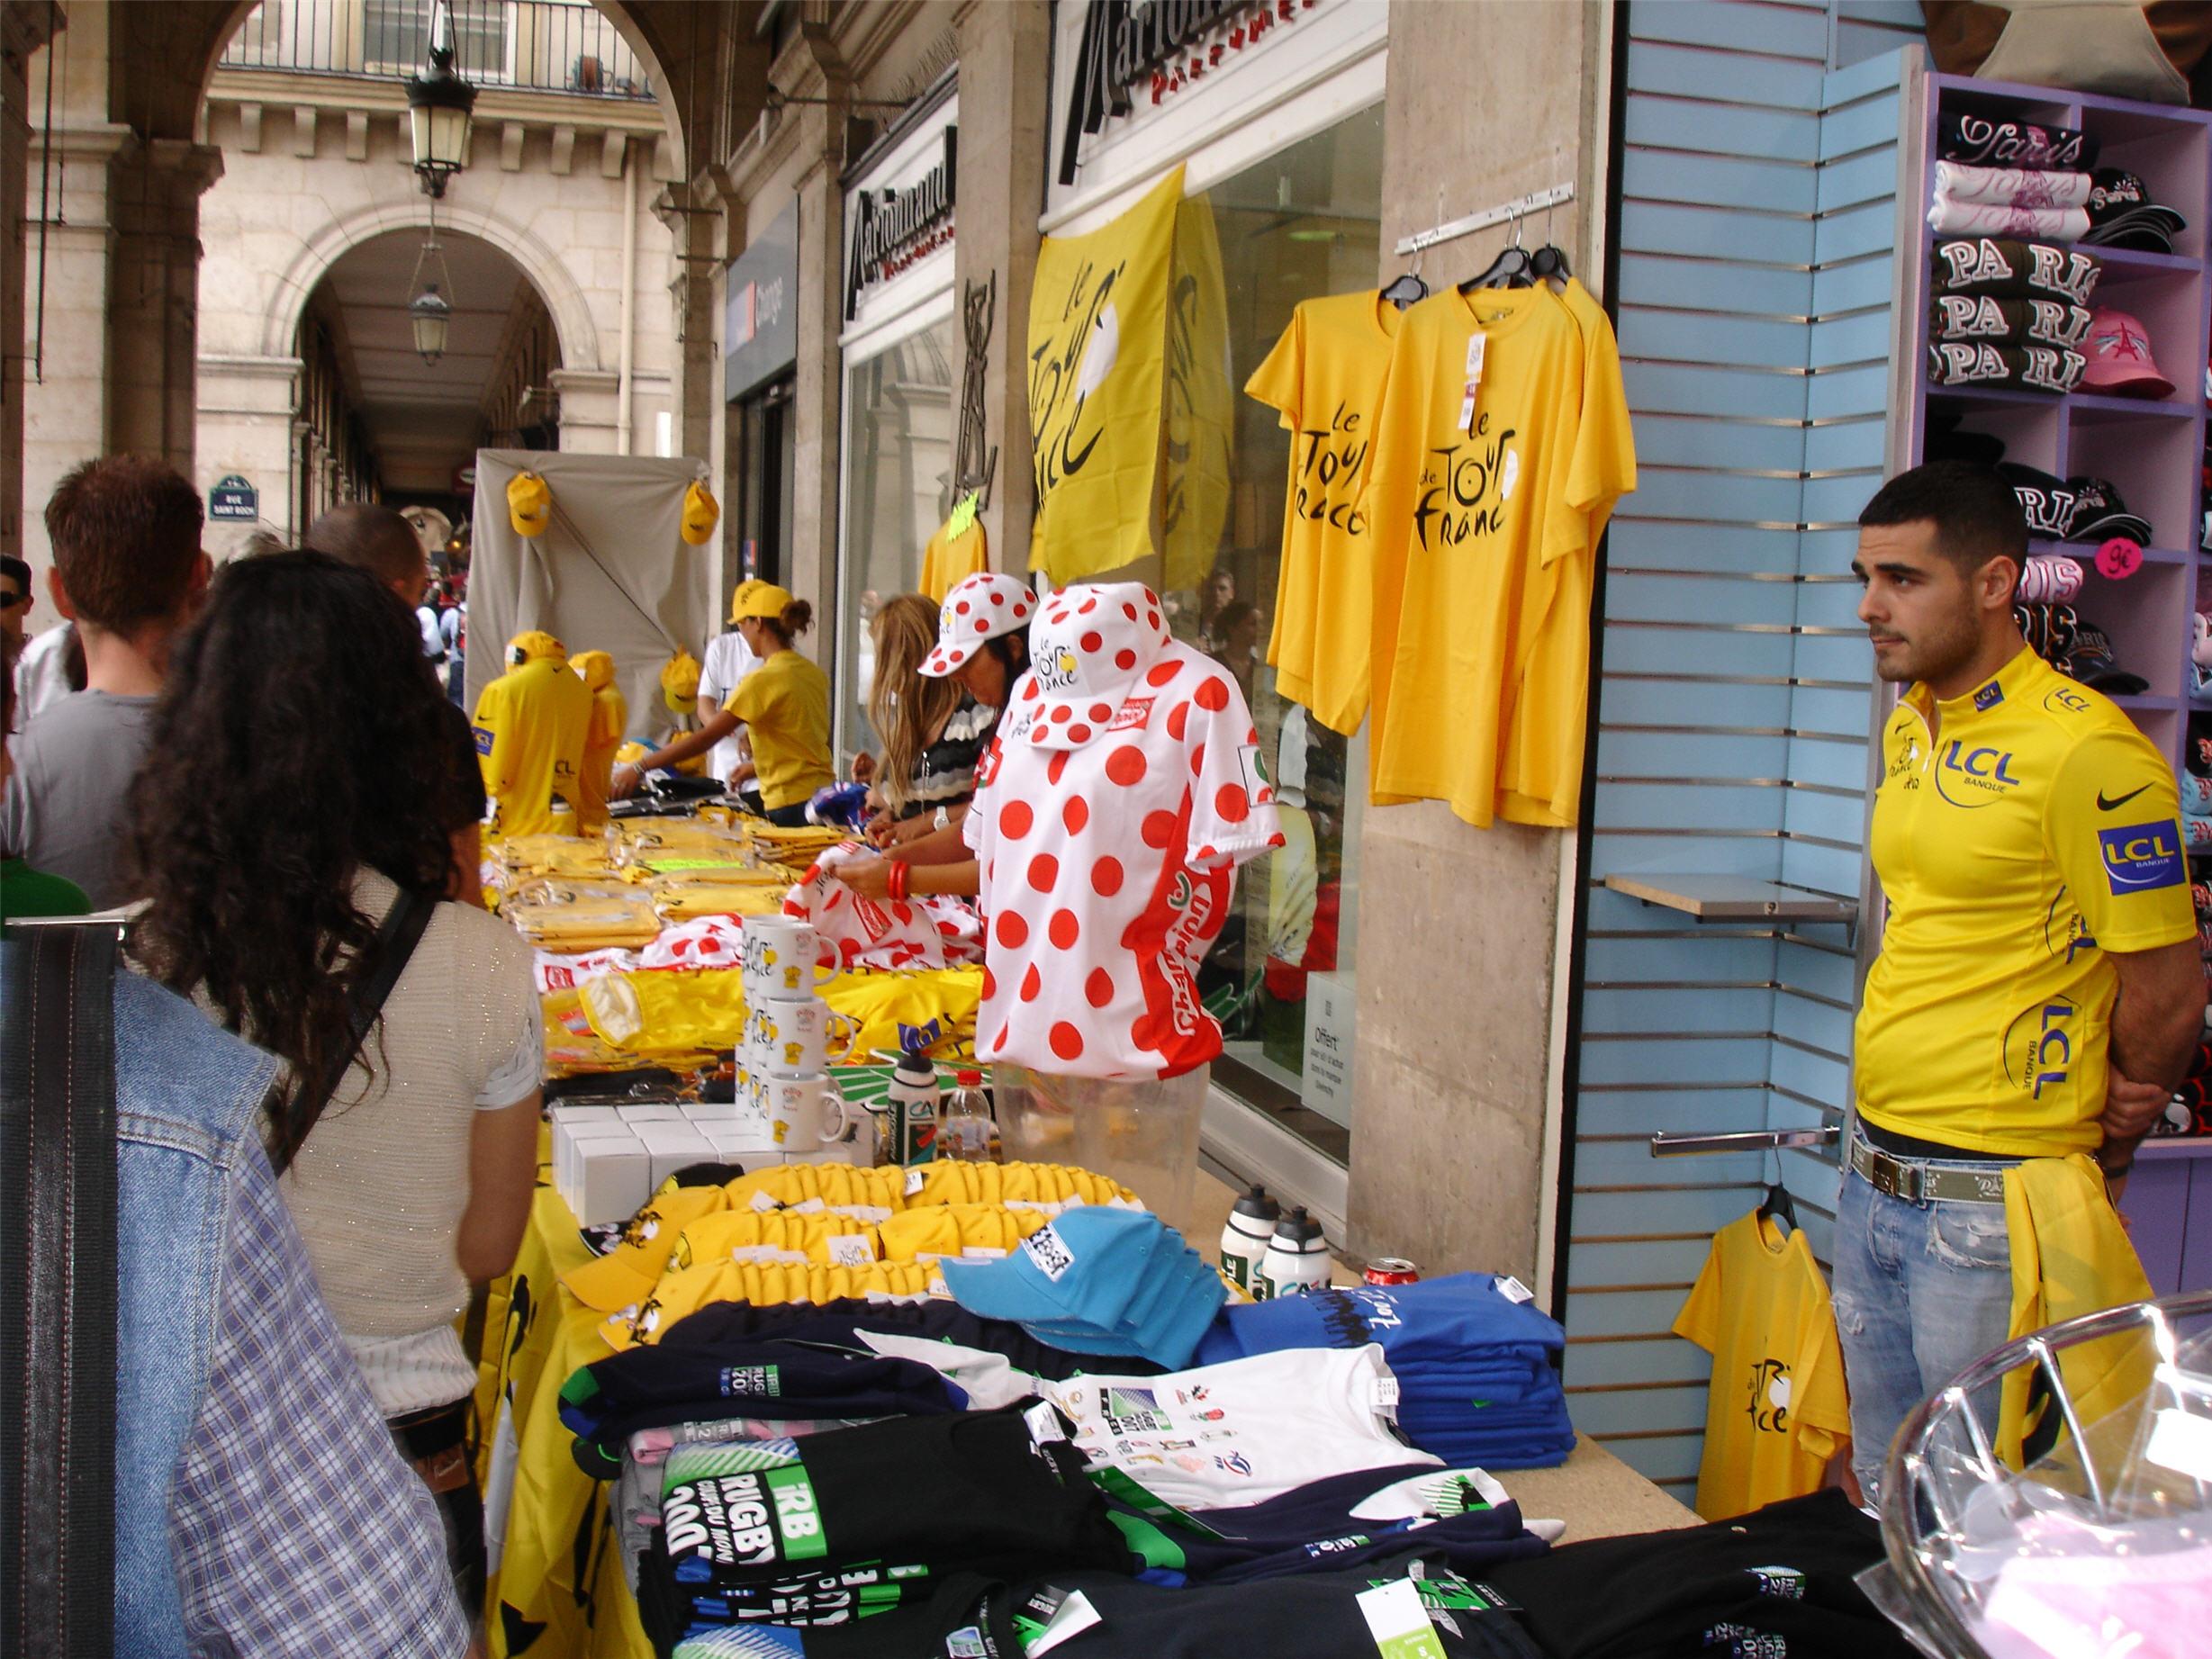 Le Tour de France 2007